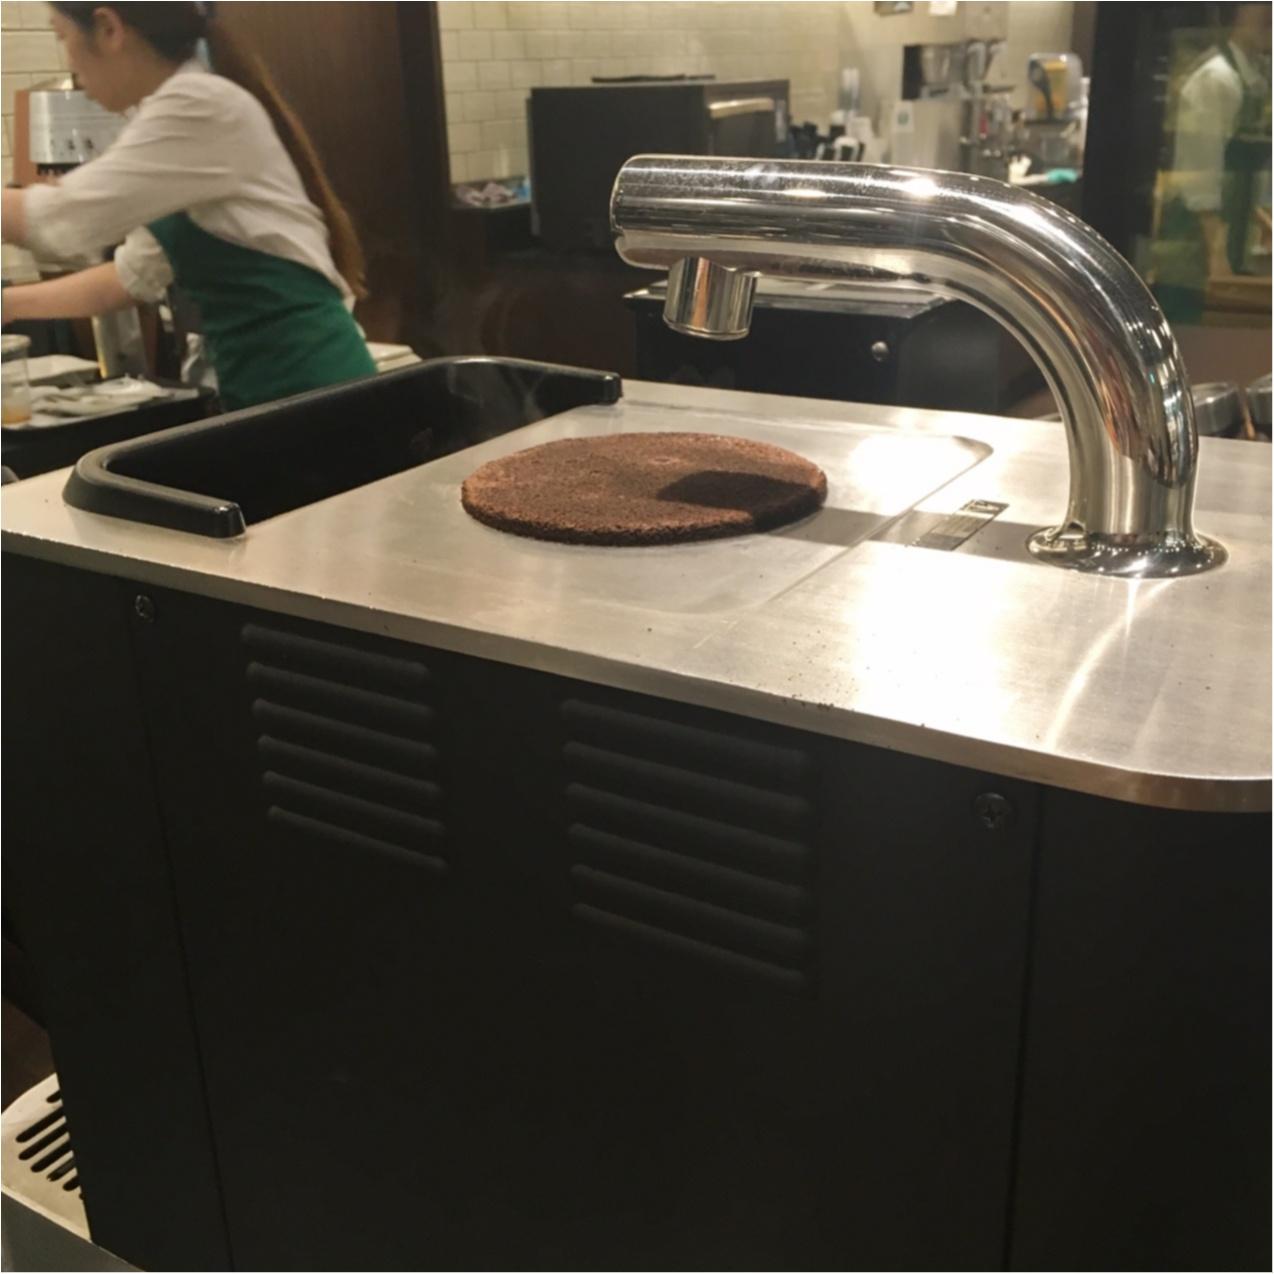 ワンランク上のコーヒーが味わえる ♡ 《 スターバックスリザーブ 》でちょっとリッチなコーヒーを…♡_3